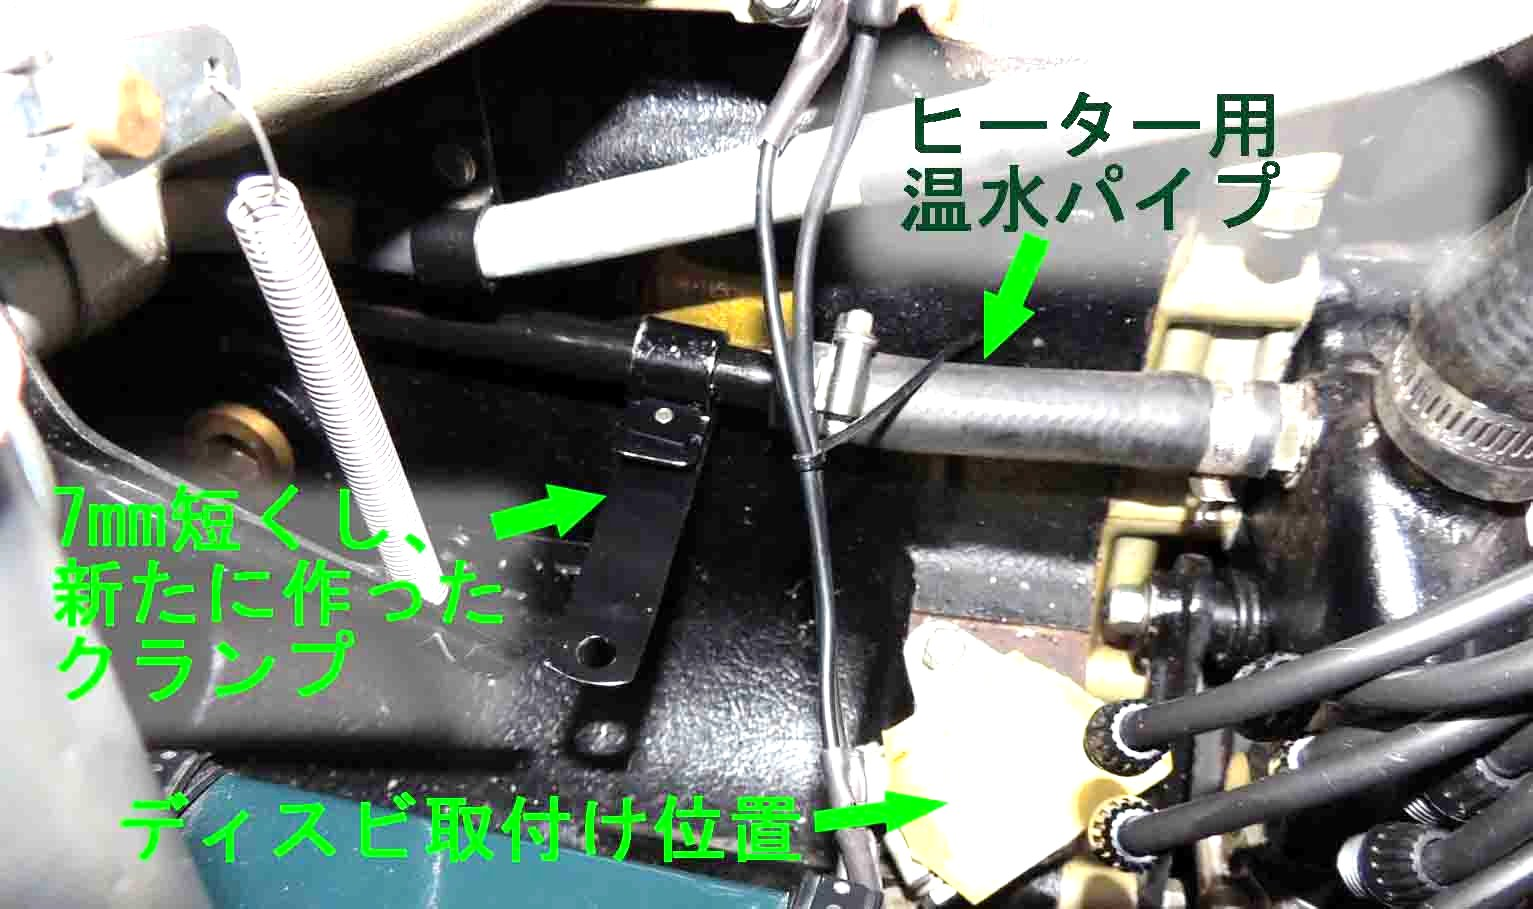 blogDSCN3216.jpg